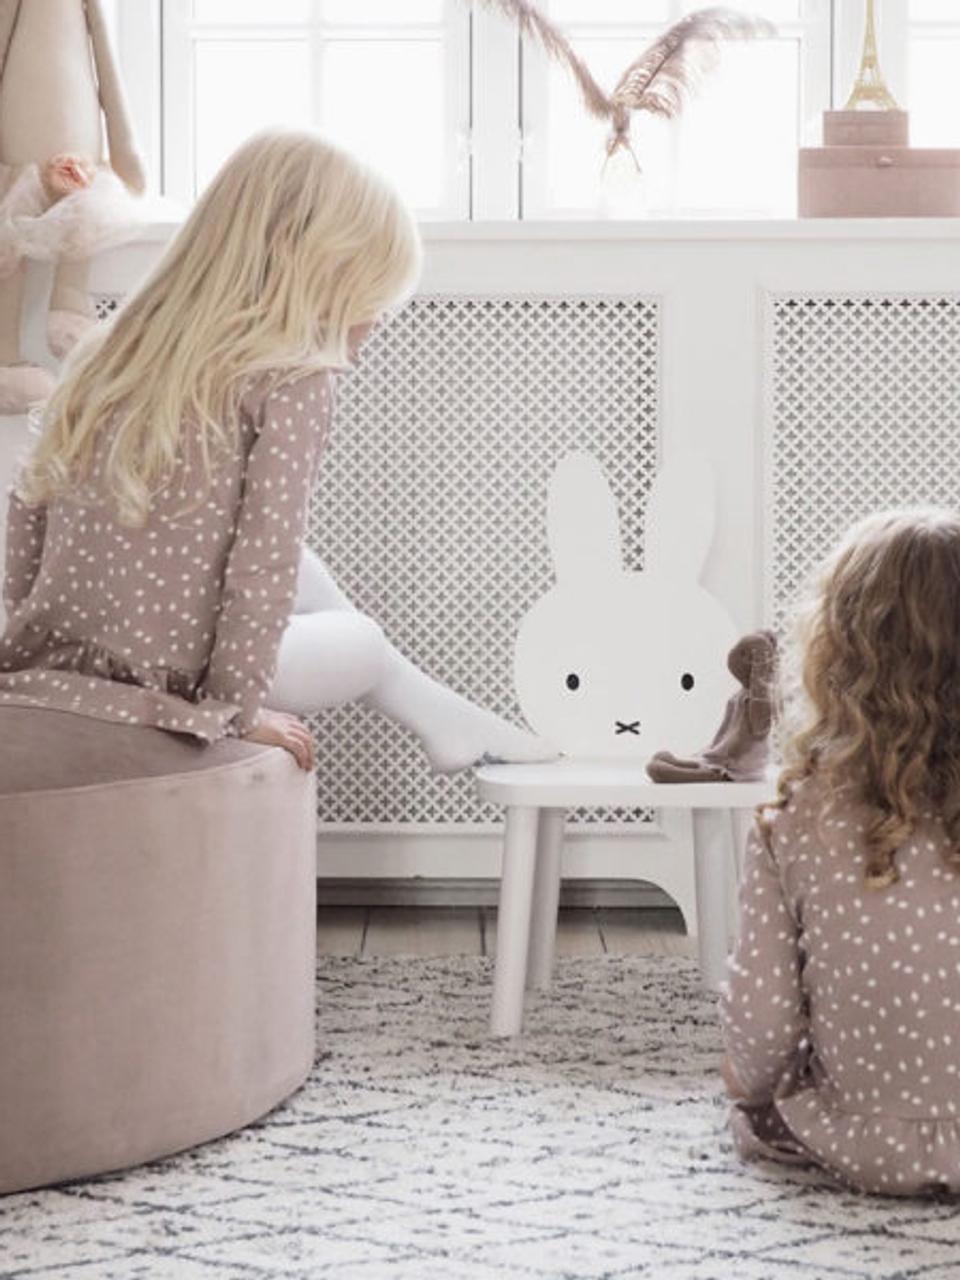 Kinderstuhl Miffy, Korpus: Kiefernholz, Beine: Birkenholz, Weiß, Schwarz, 32 x 59 cm